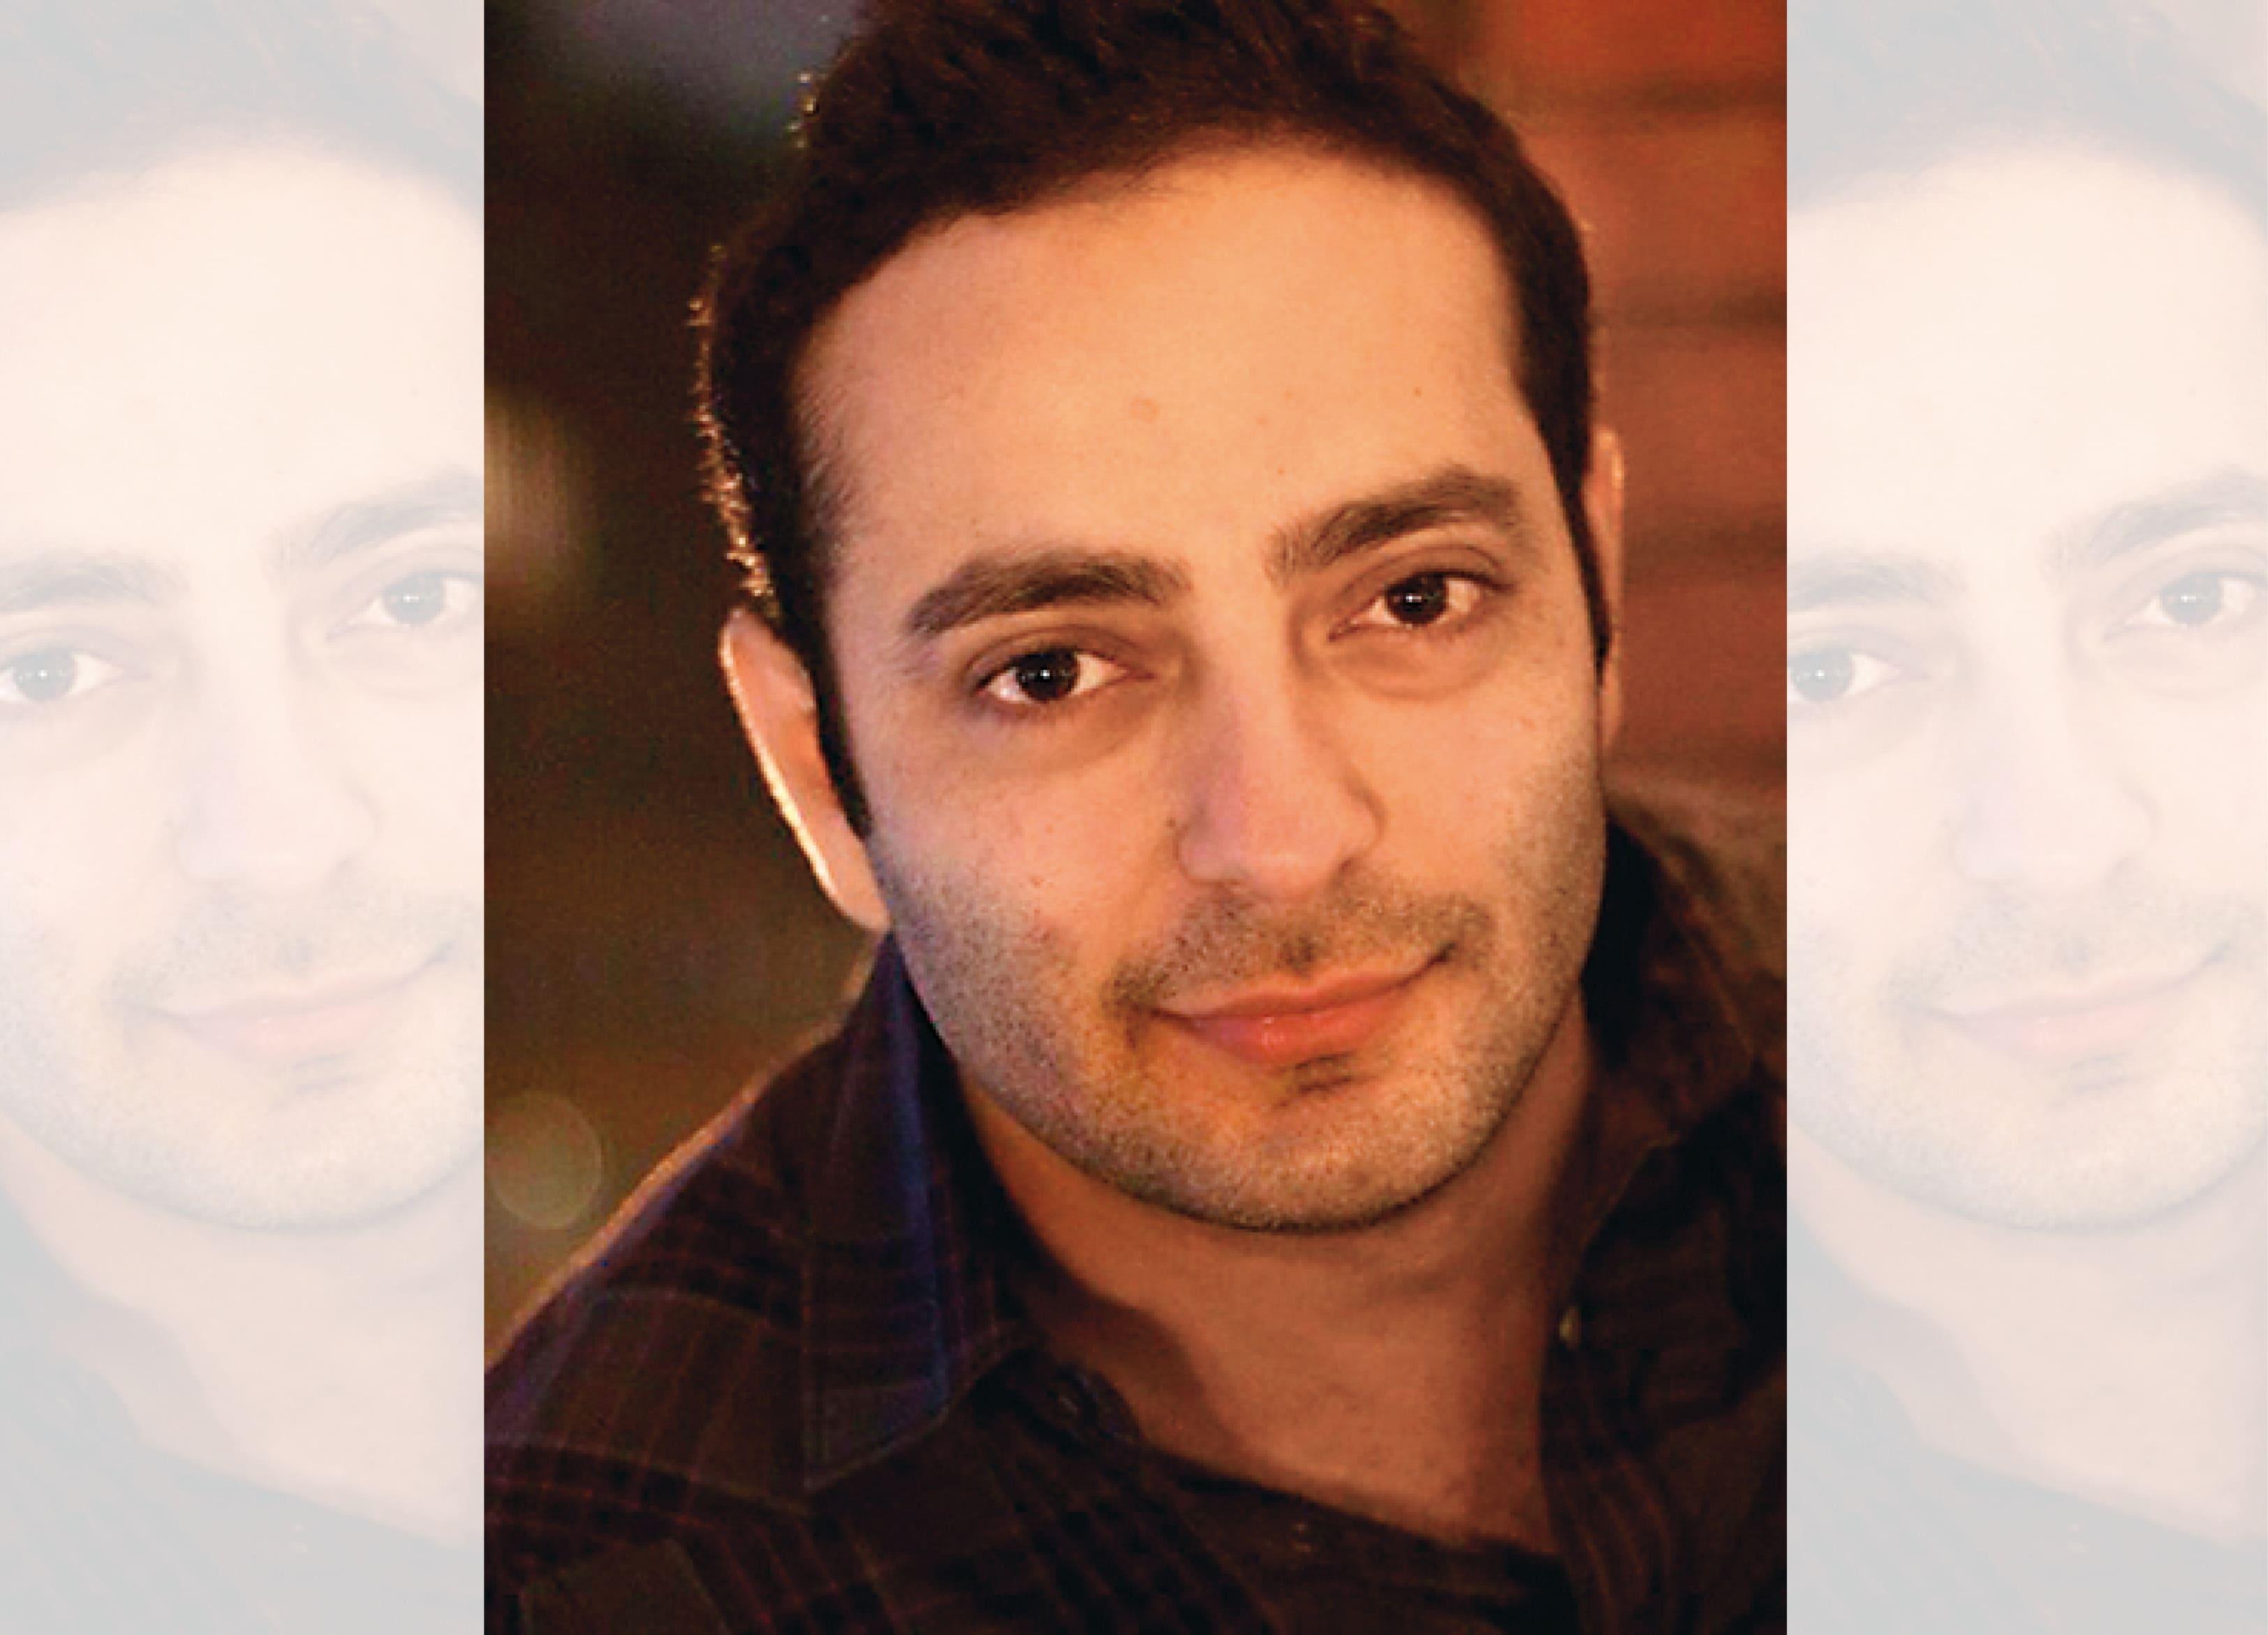 Shiraz Siddique